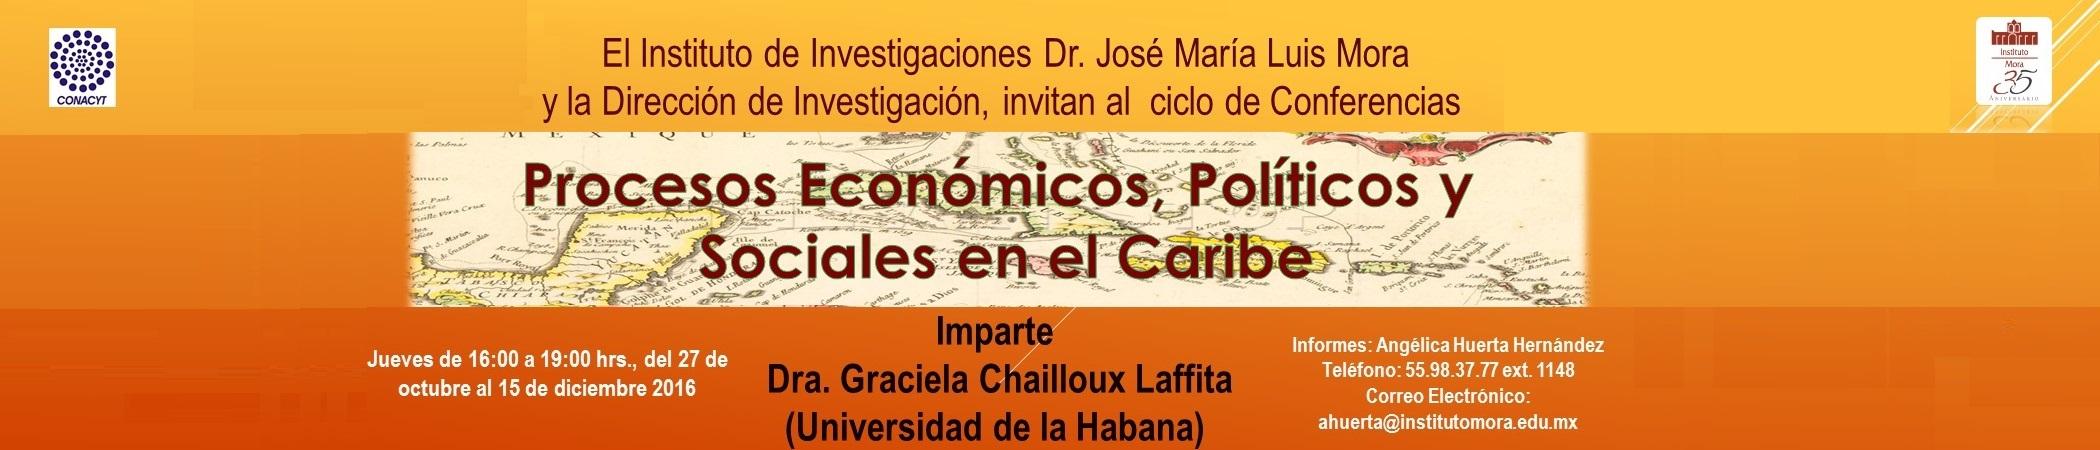 Ciclo de conferencias Procesos Económicos, Políticos y Sociales en el Caribe